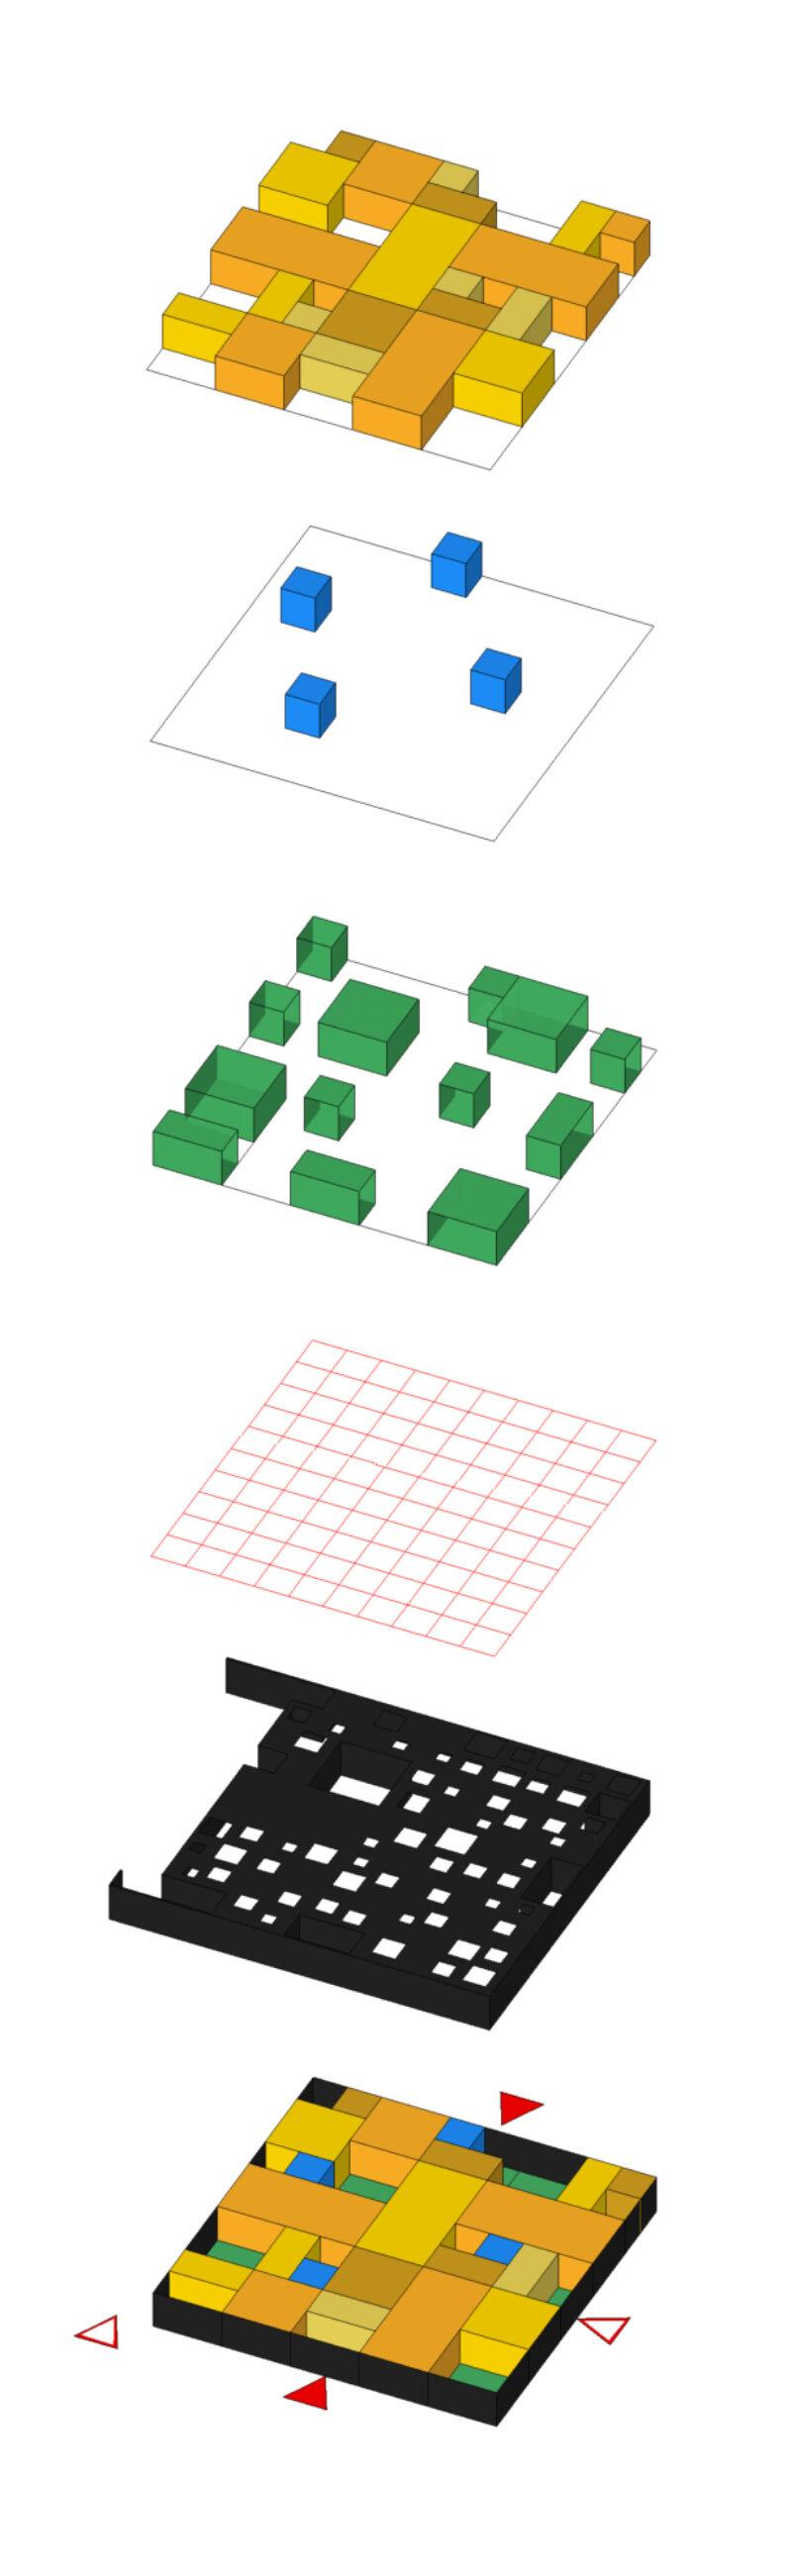 von oben: Nutzungsräume - Toiletten - Höfe - Raster - Dach